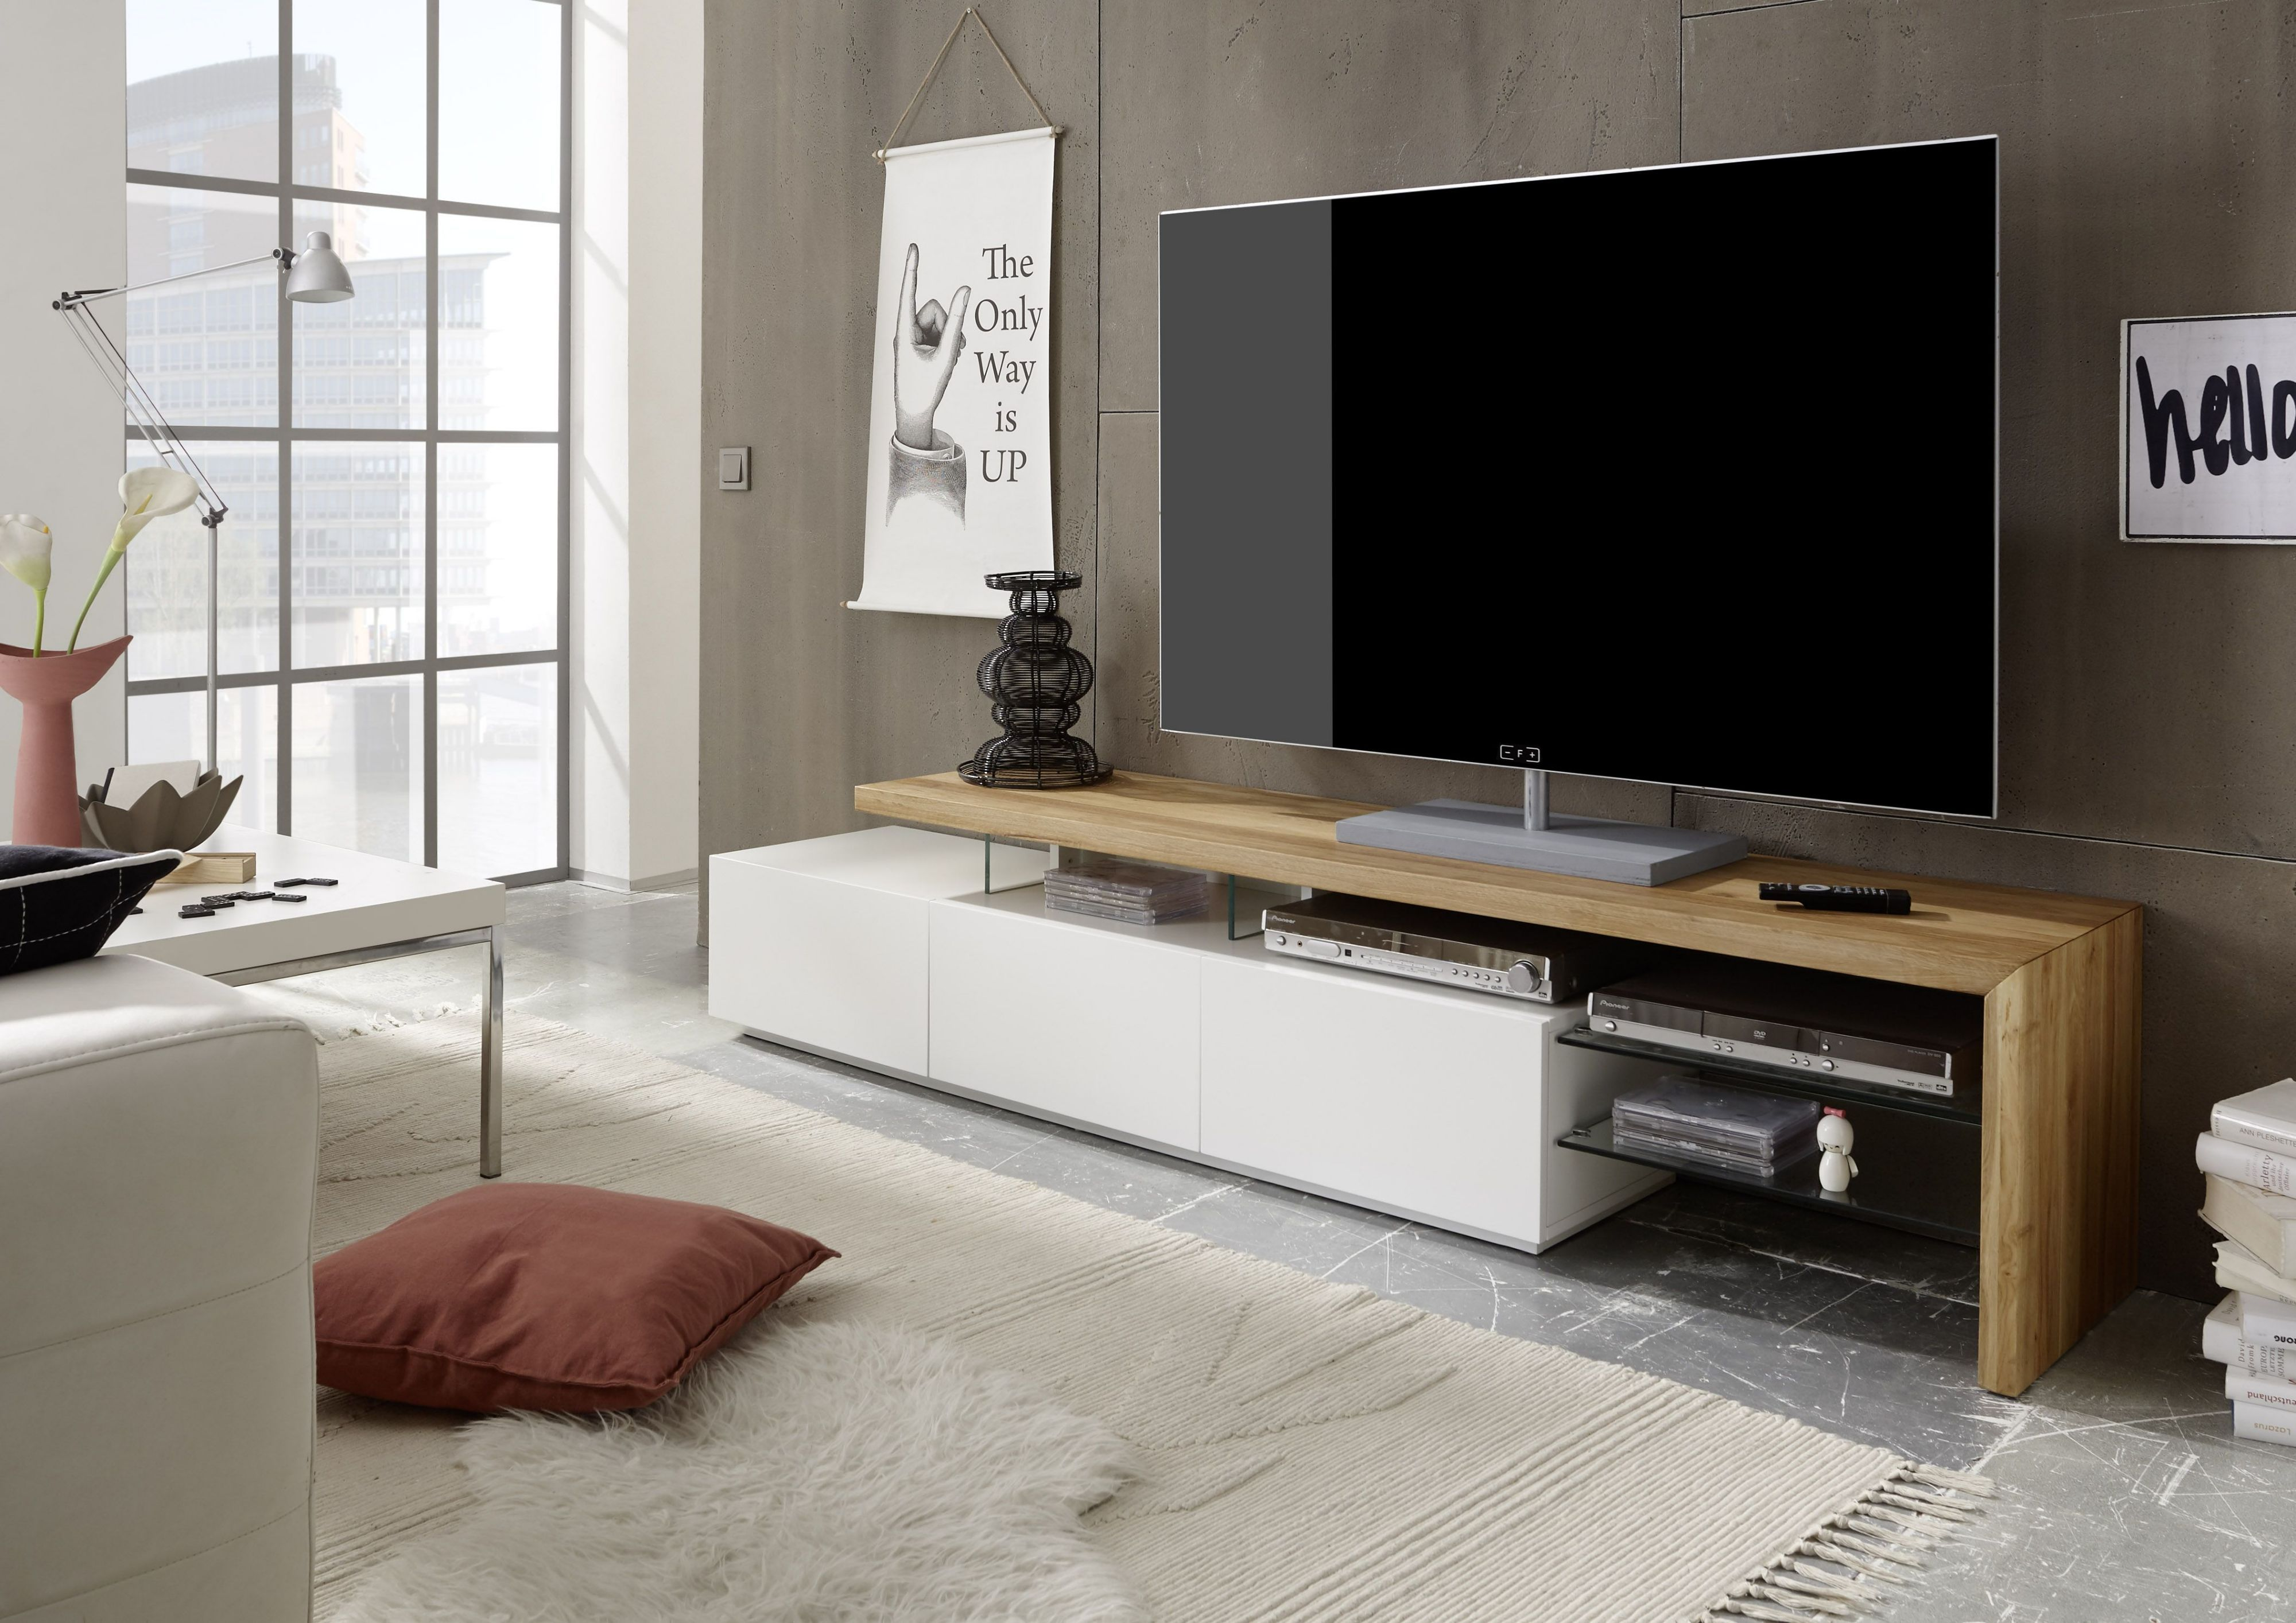 Tv Rack Weiss Matt/ Asteiche Massiv Woody 41 02604 Holz Modern Jetzt  Bestellen Unter: Https://moebel.ladendirekt.de/wohnzimmer/tv Hifi Moebel/tv Racks/?uidu003d  ...